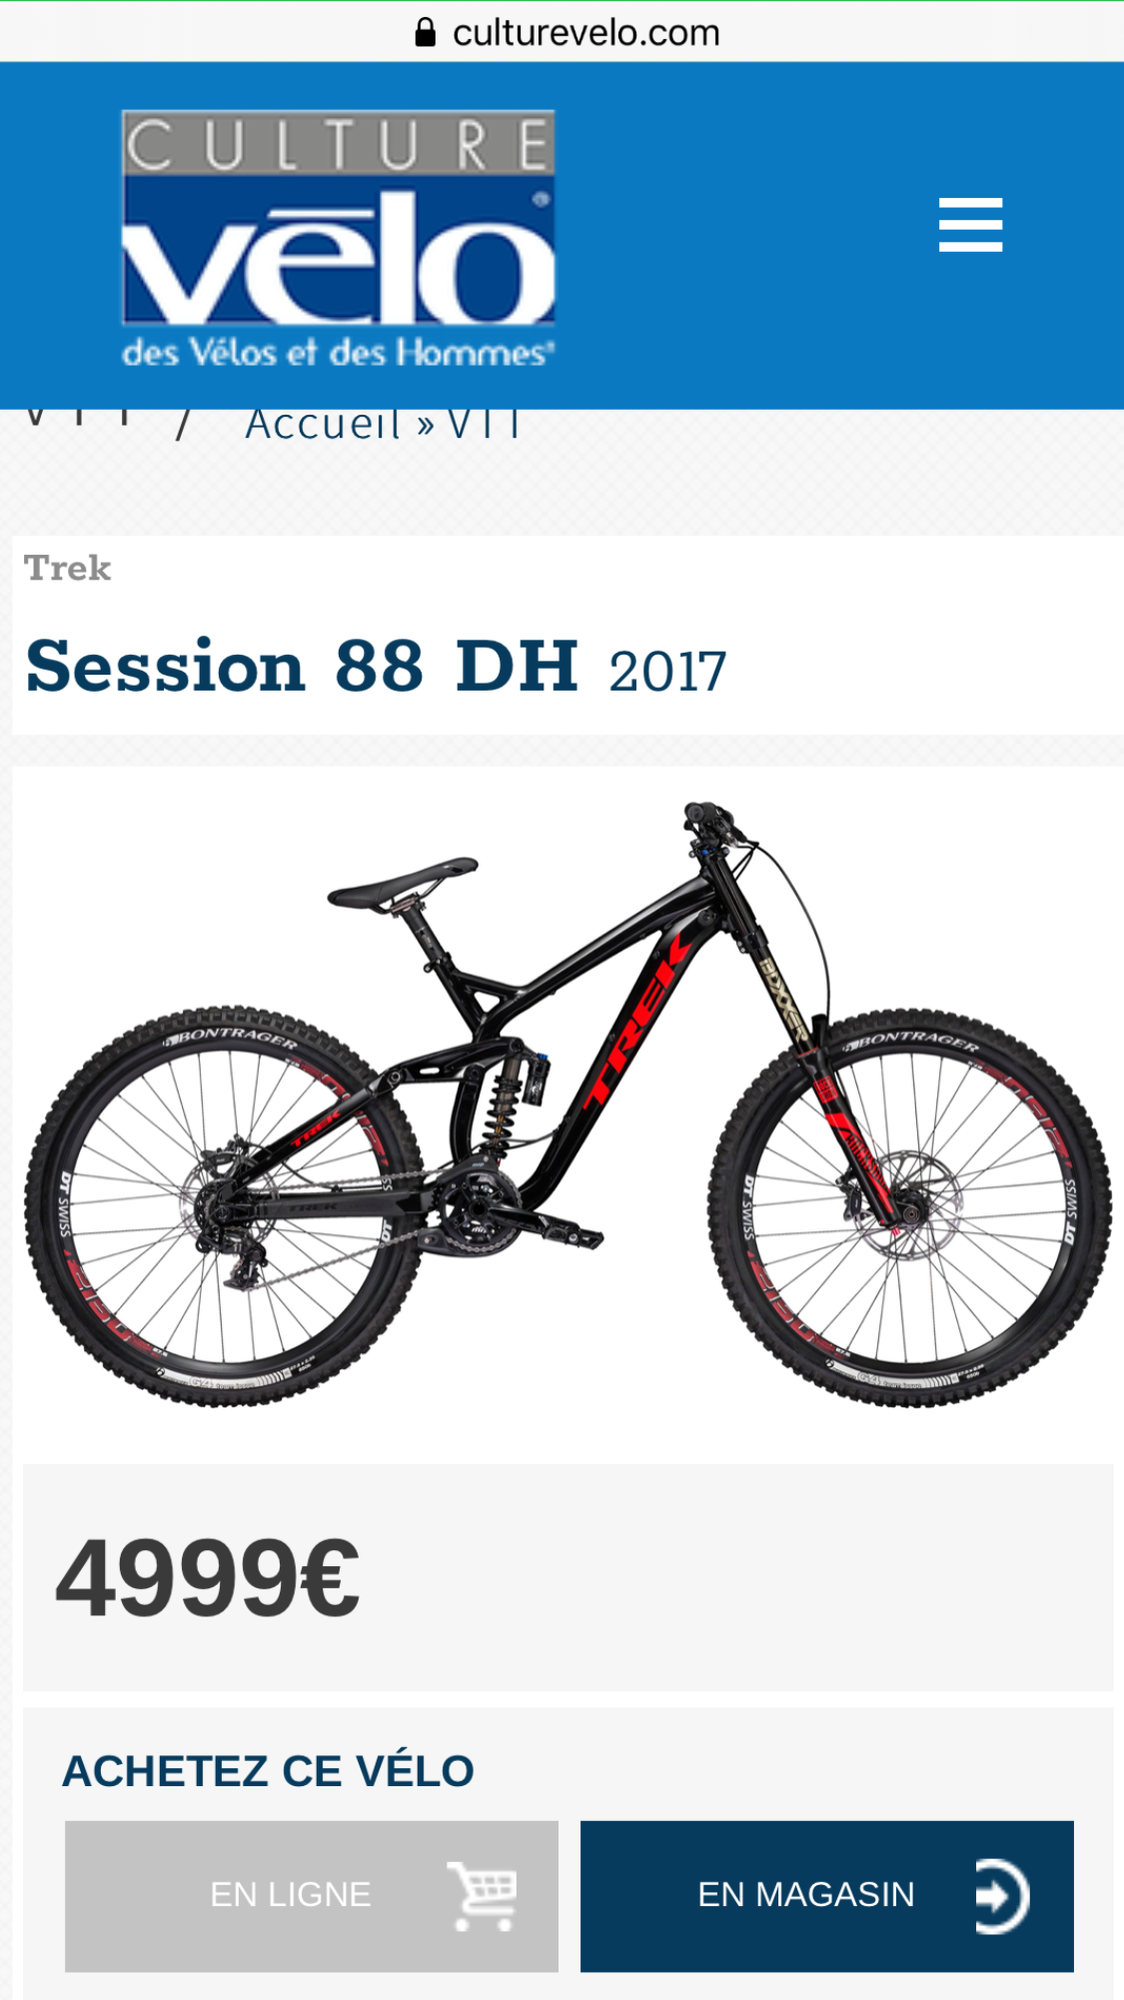 Trek Session 88